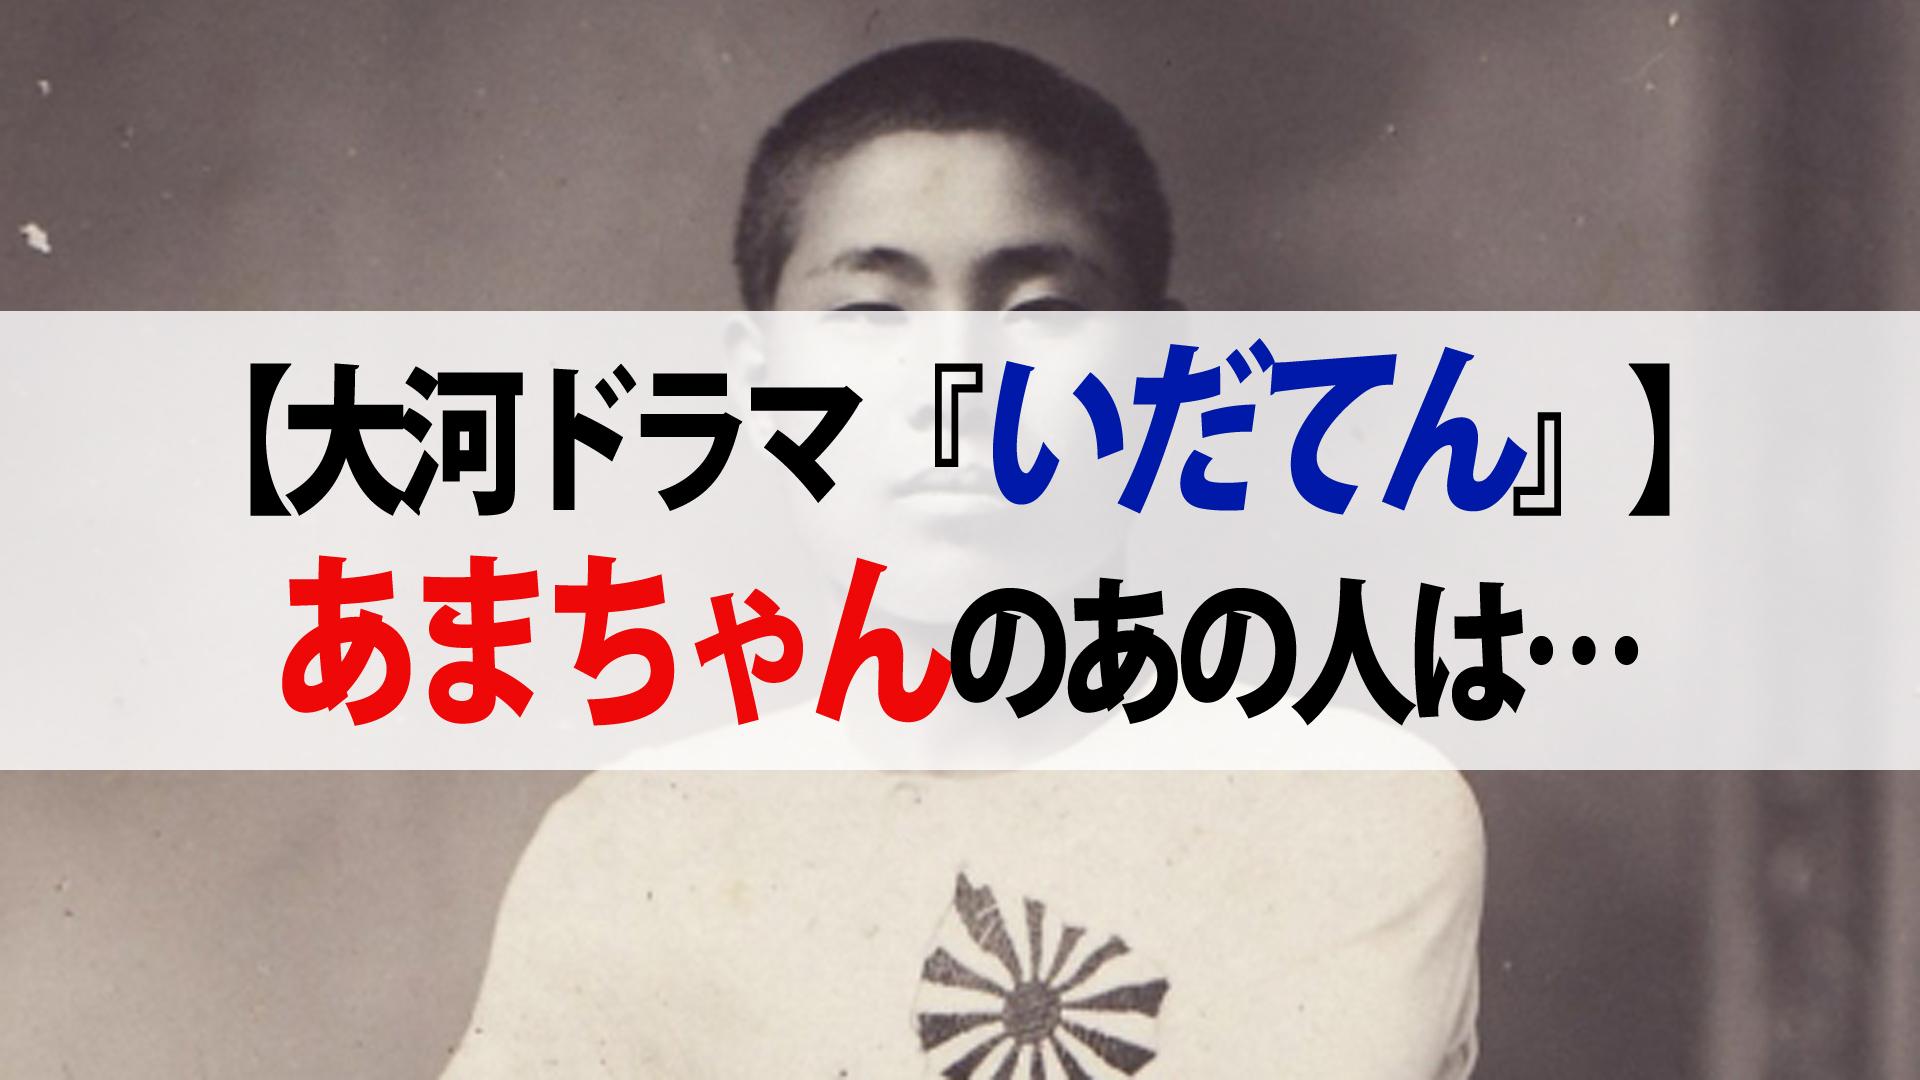 大河ドラマ『いだてん』『あまちゃん』